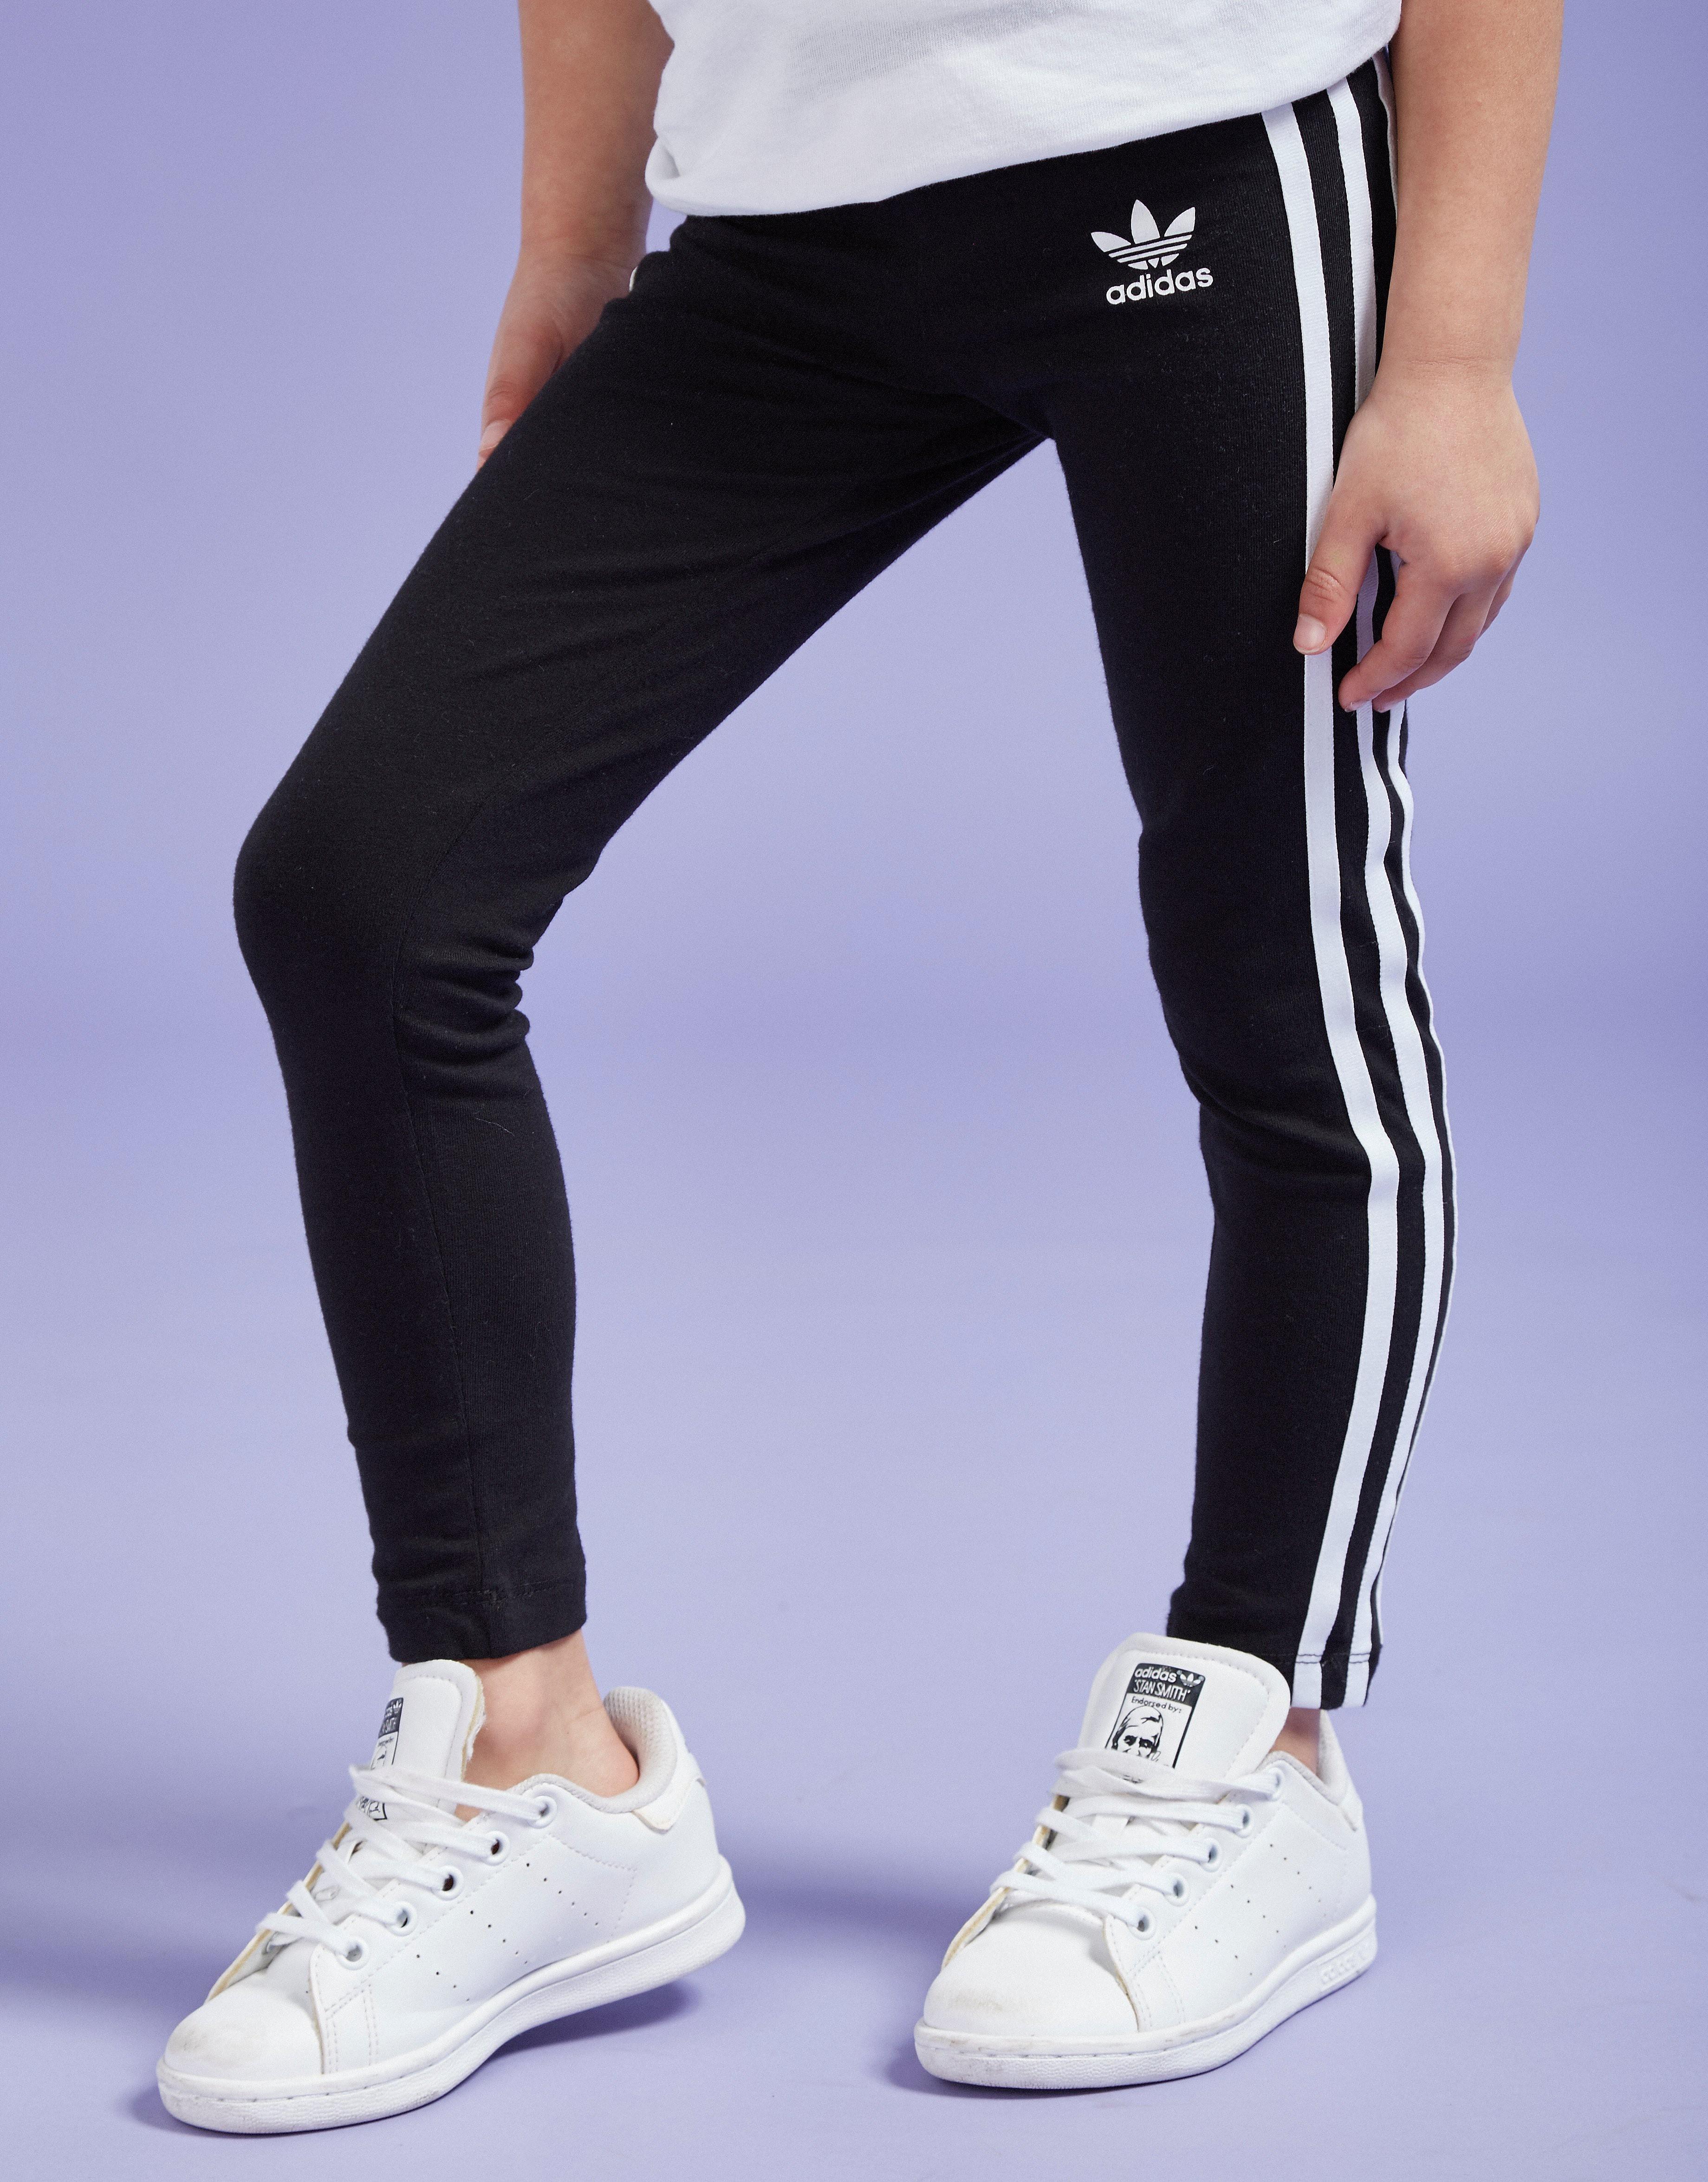 adidas Originals Girls' 3- Stripes Leggings Children